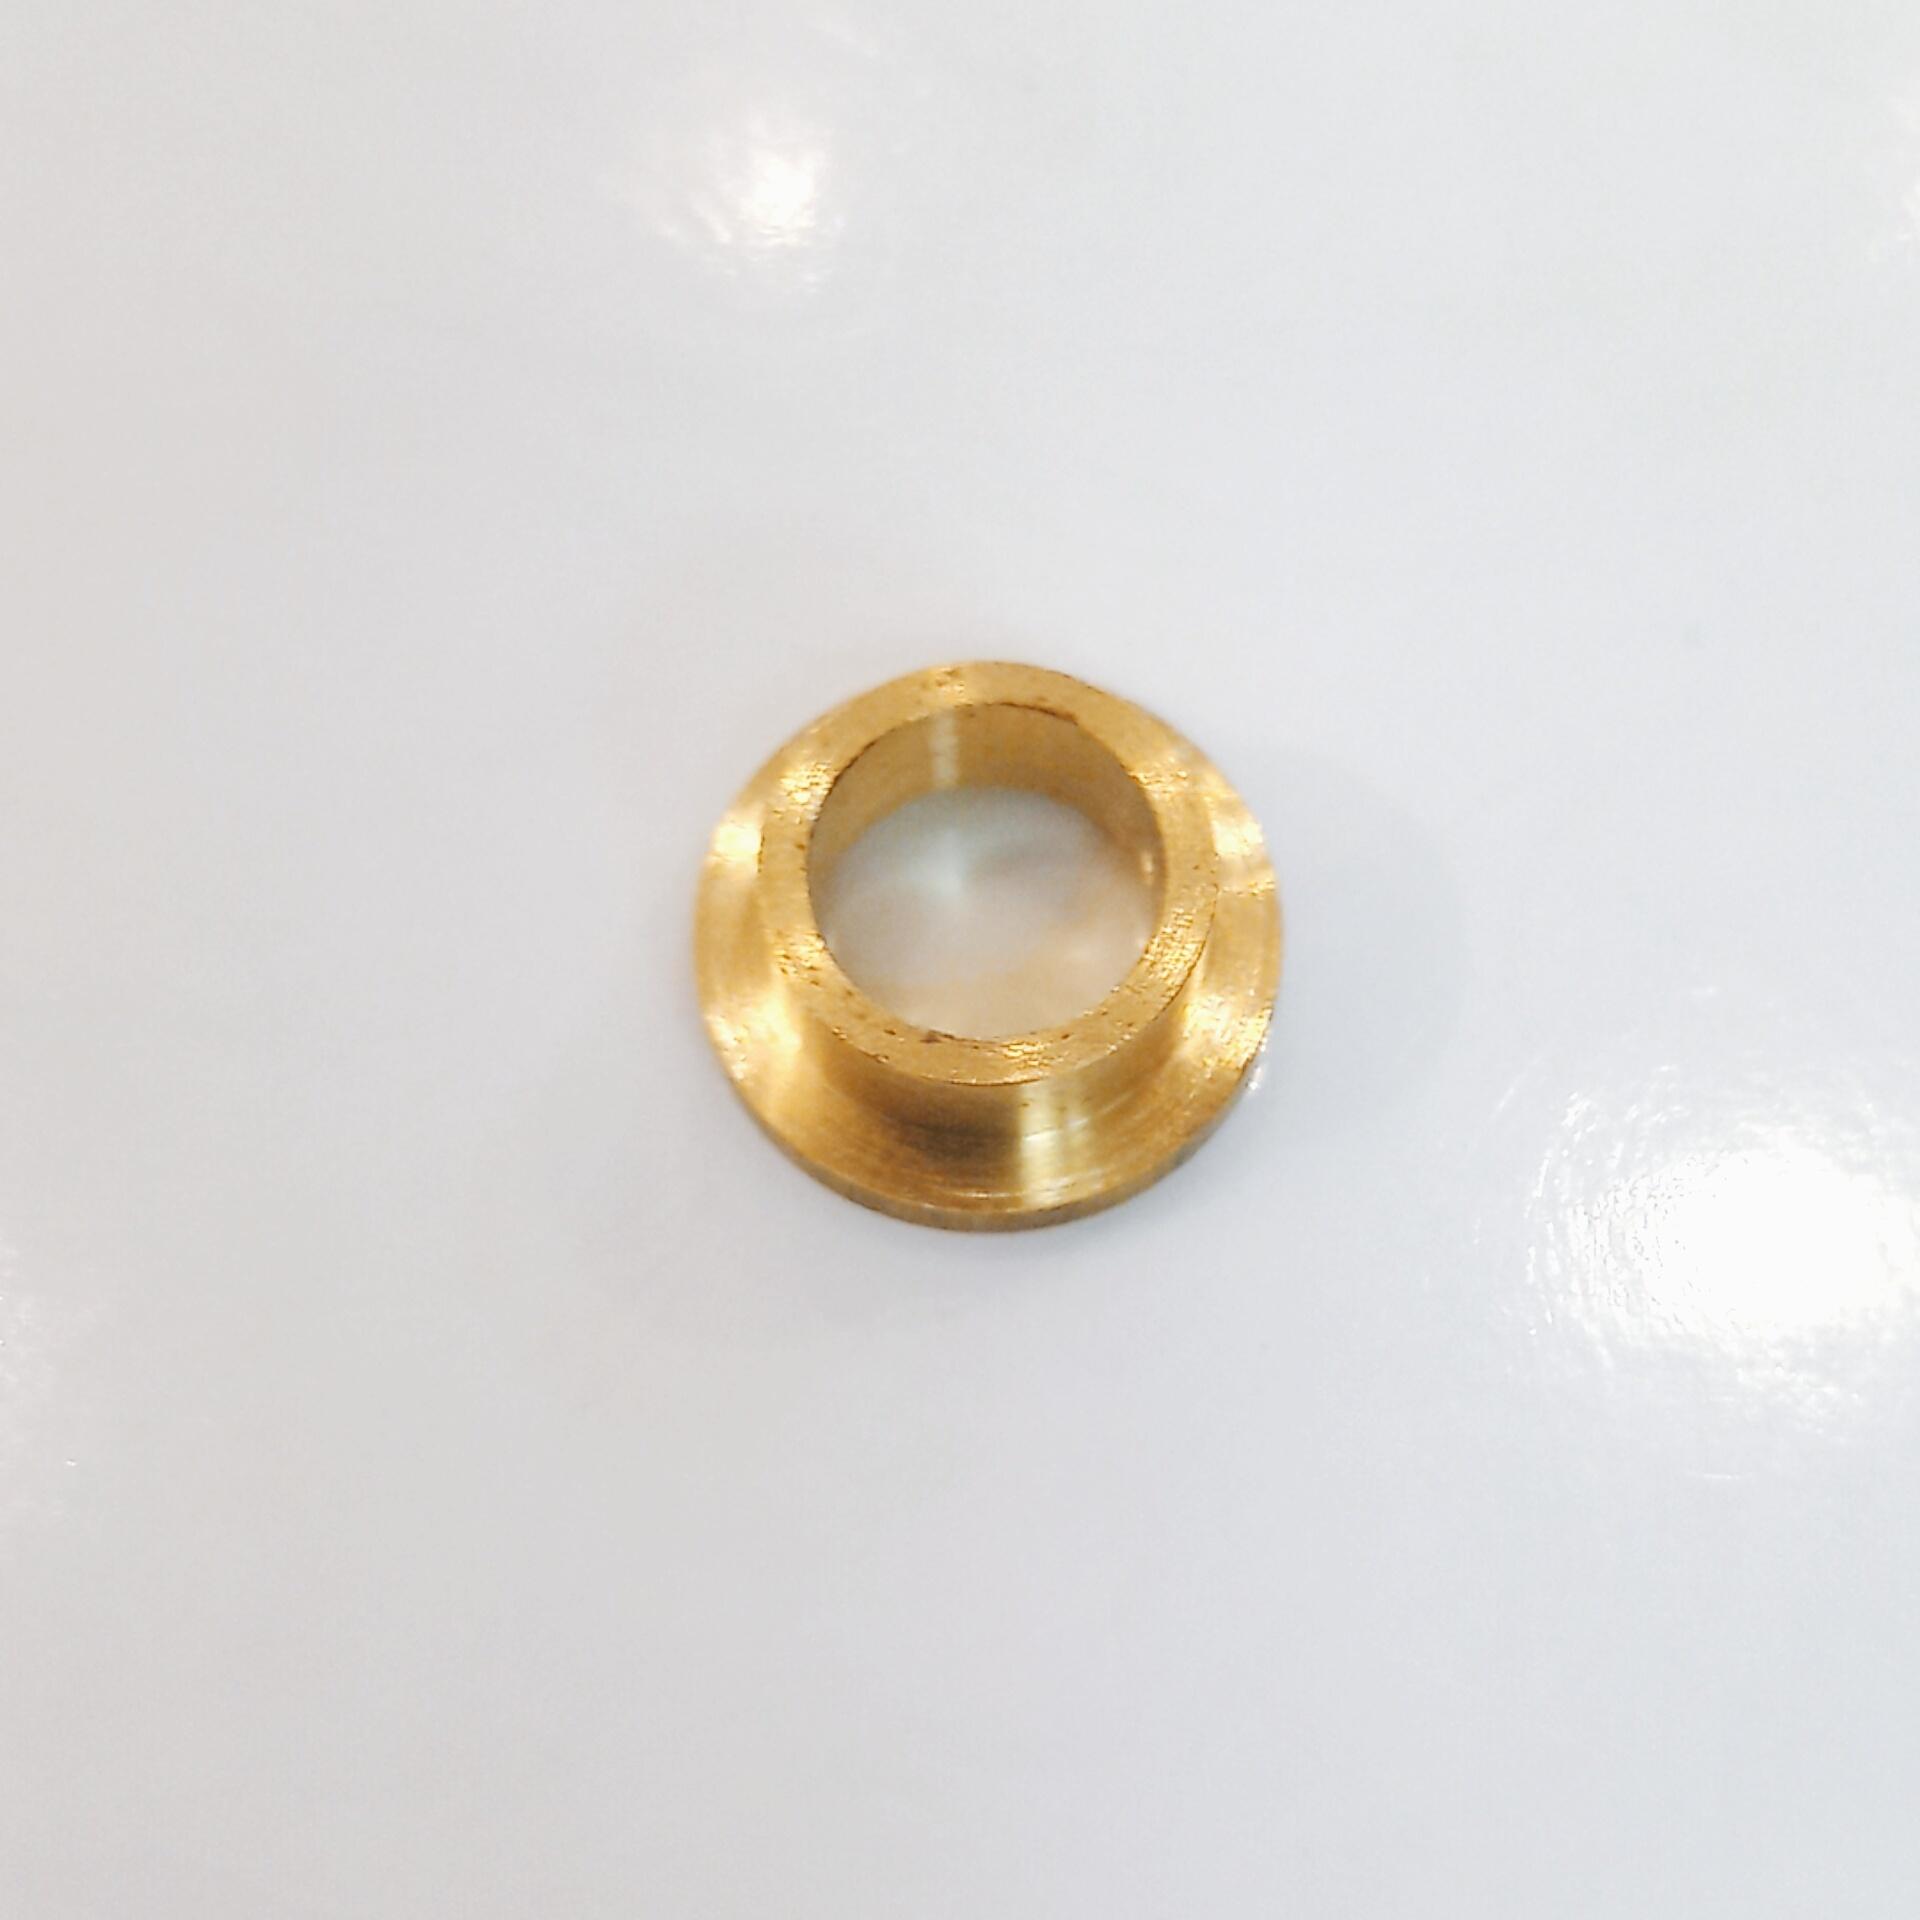 スプリングガイド● スチーム/熱湯ワンド用 12mm